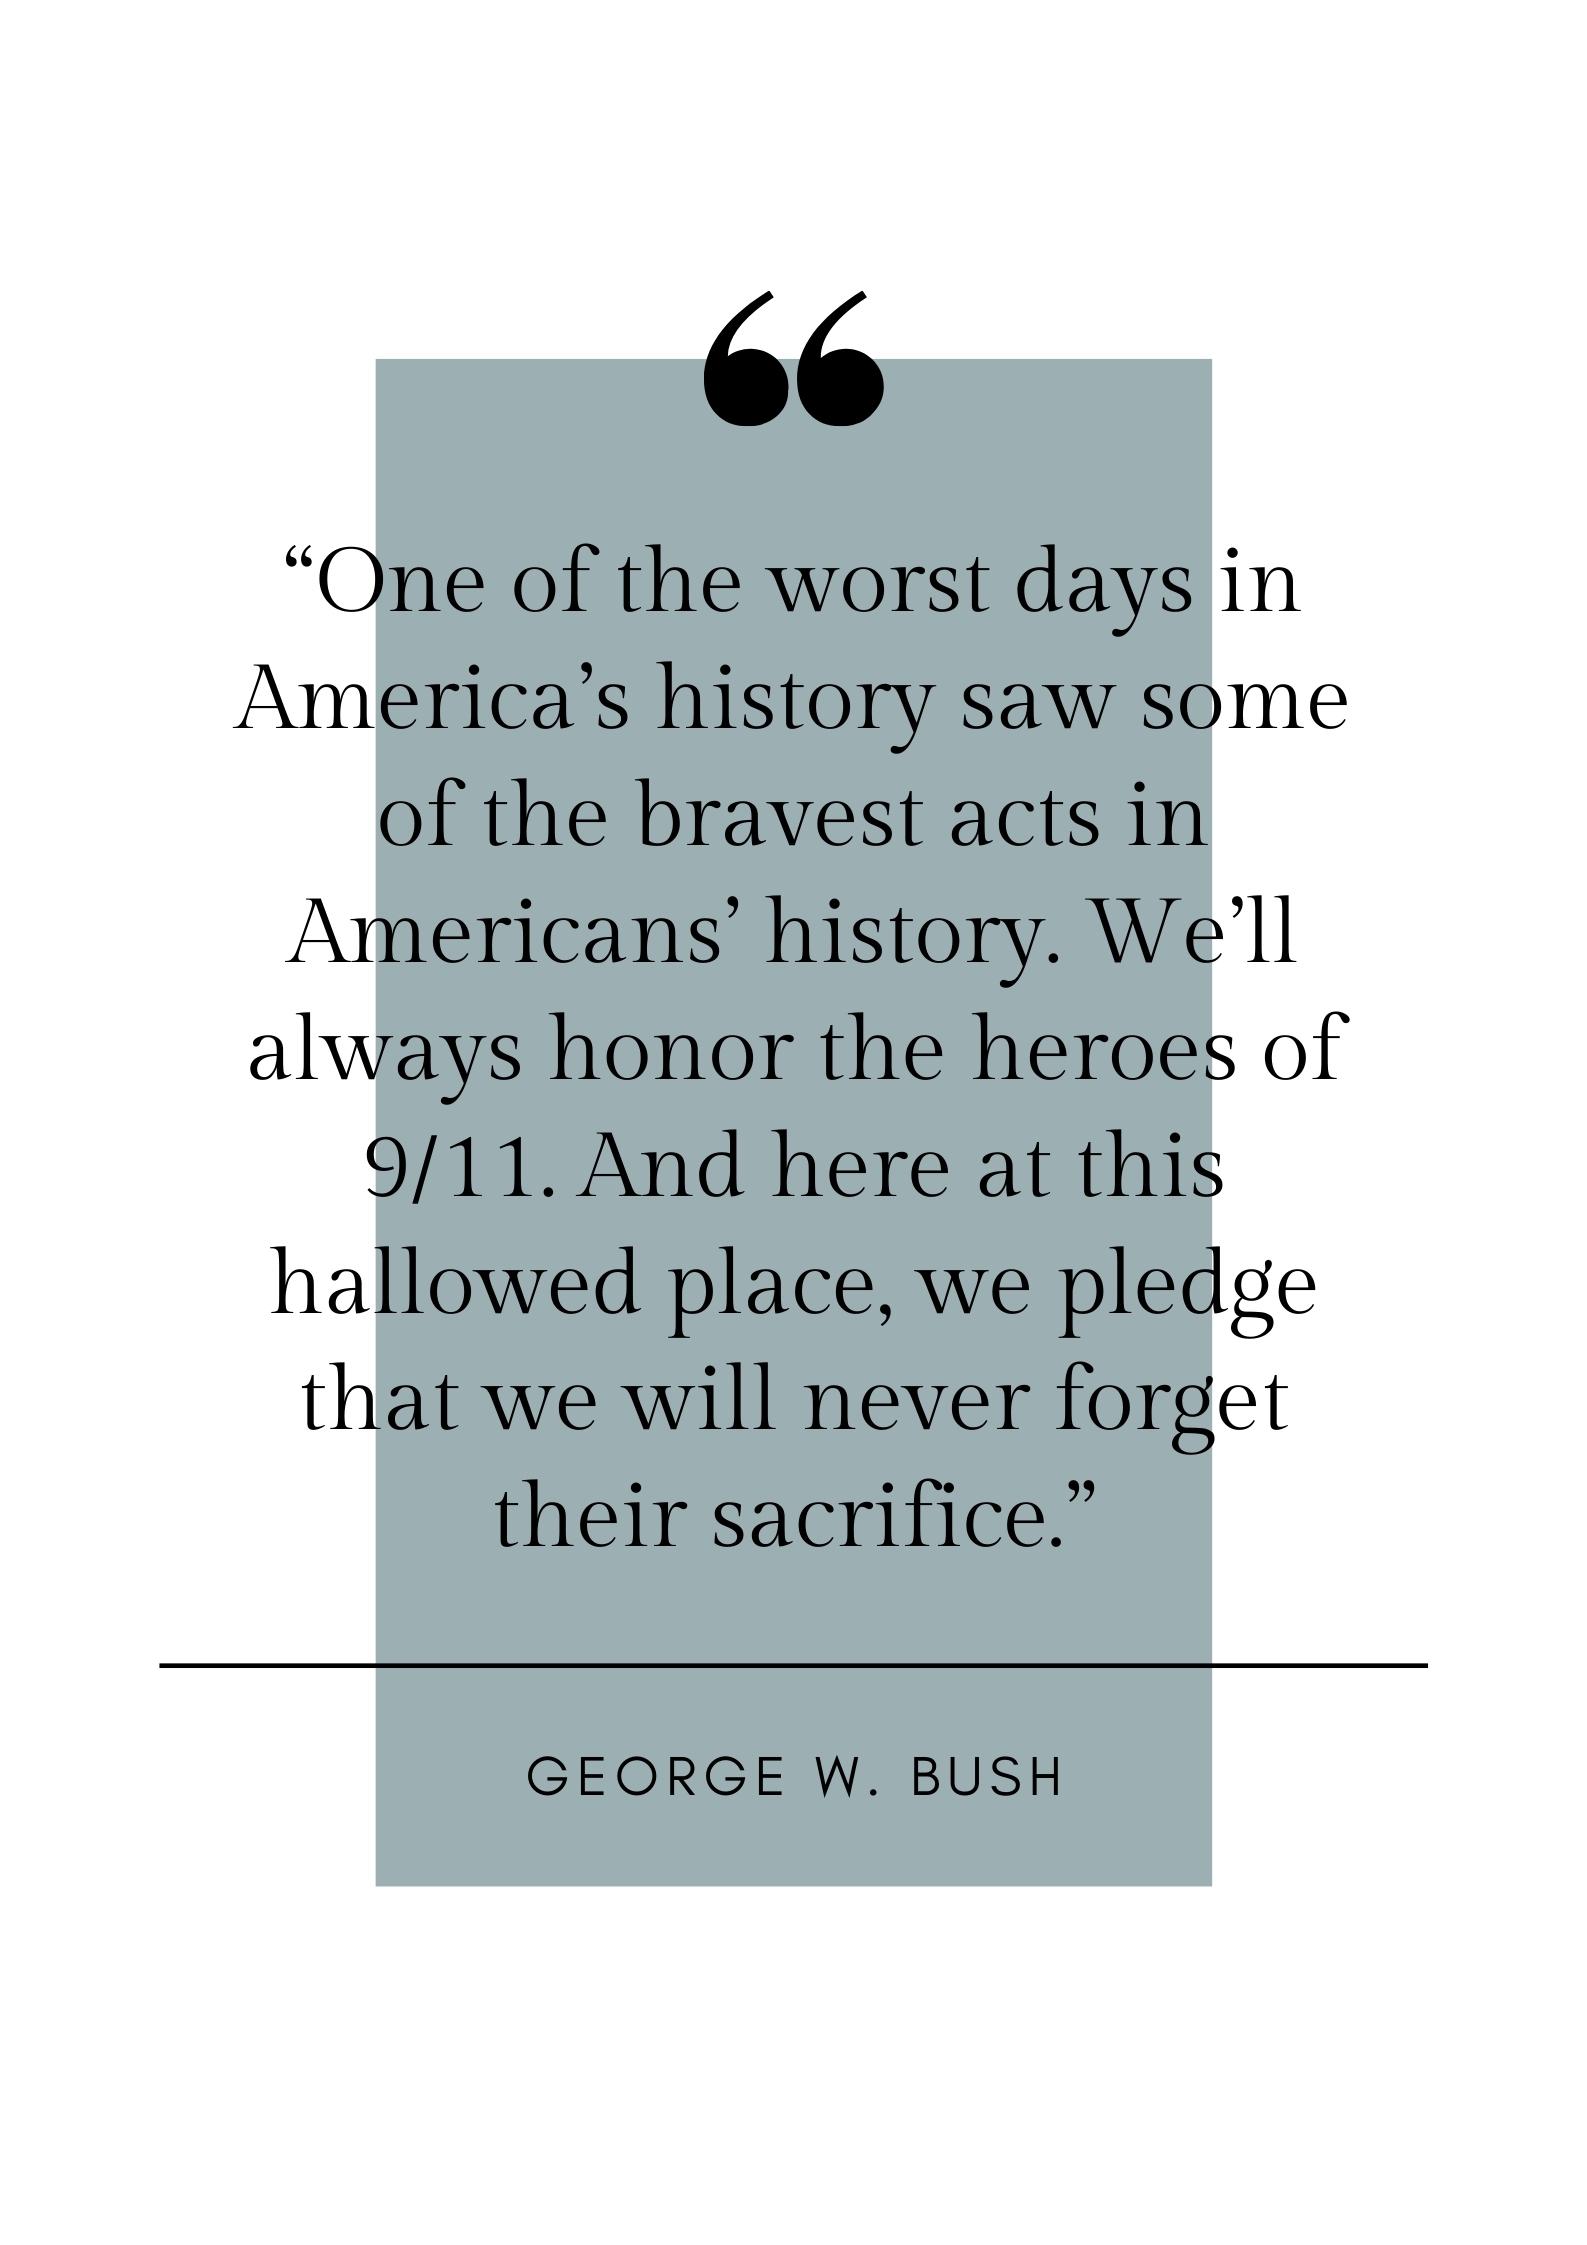 george w bush quote